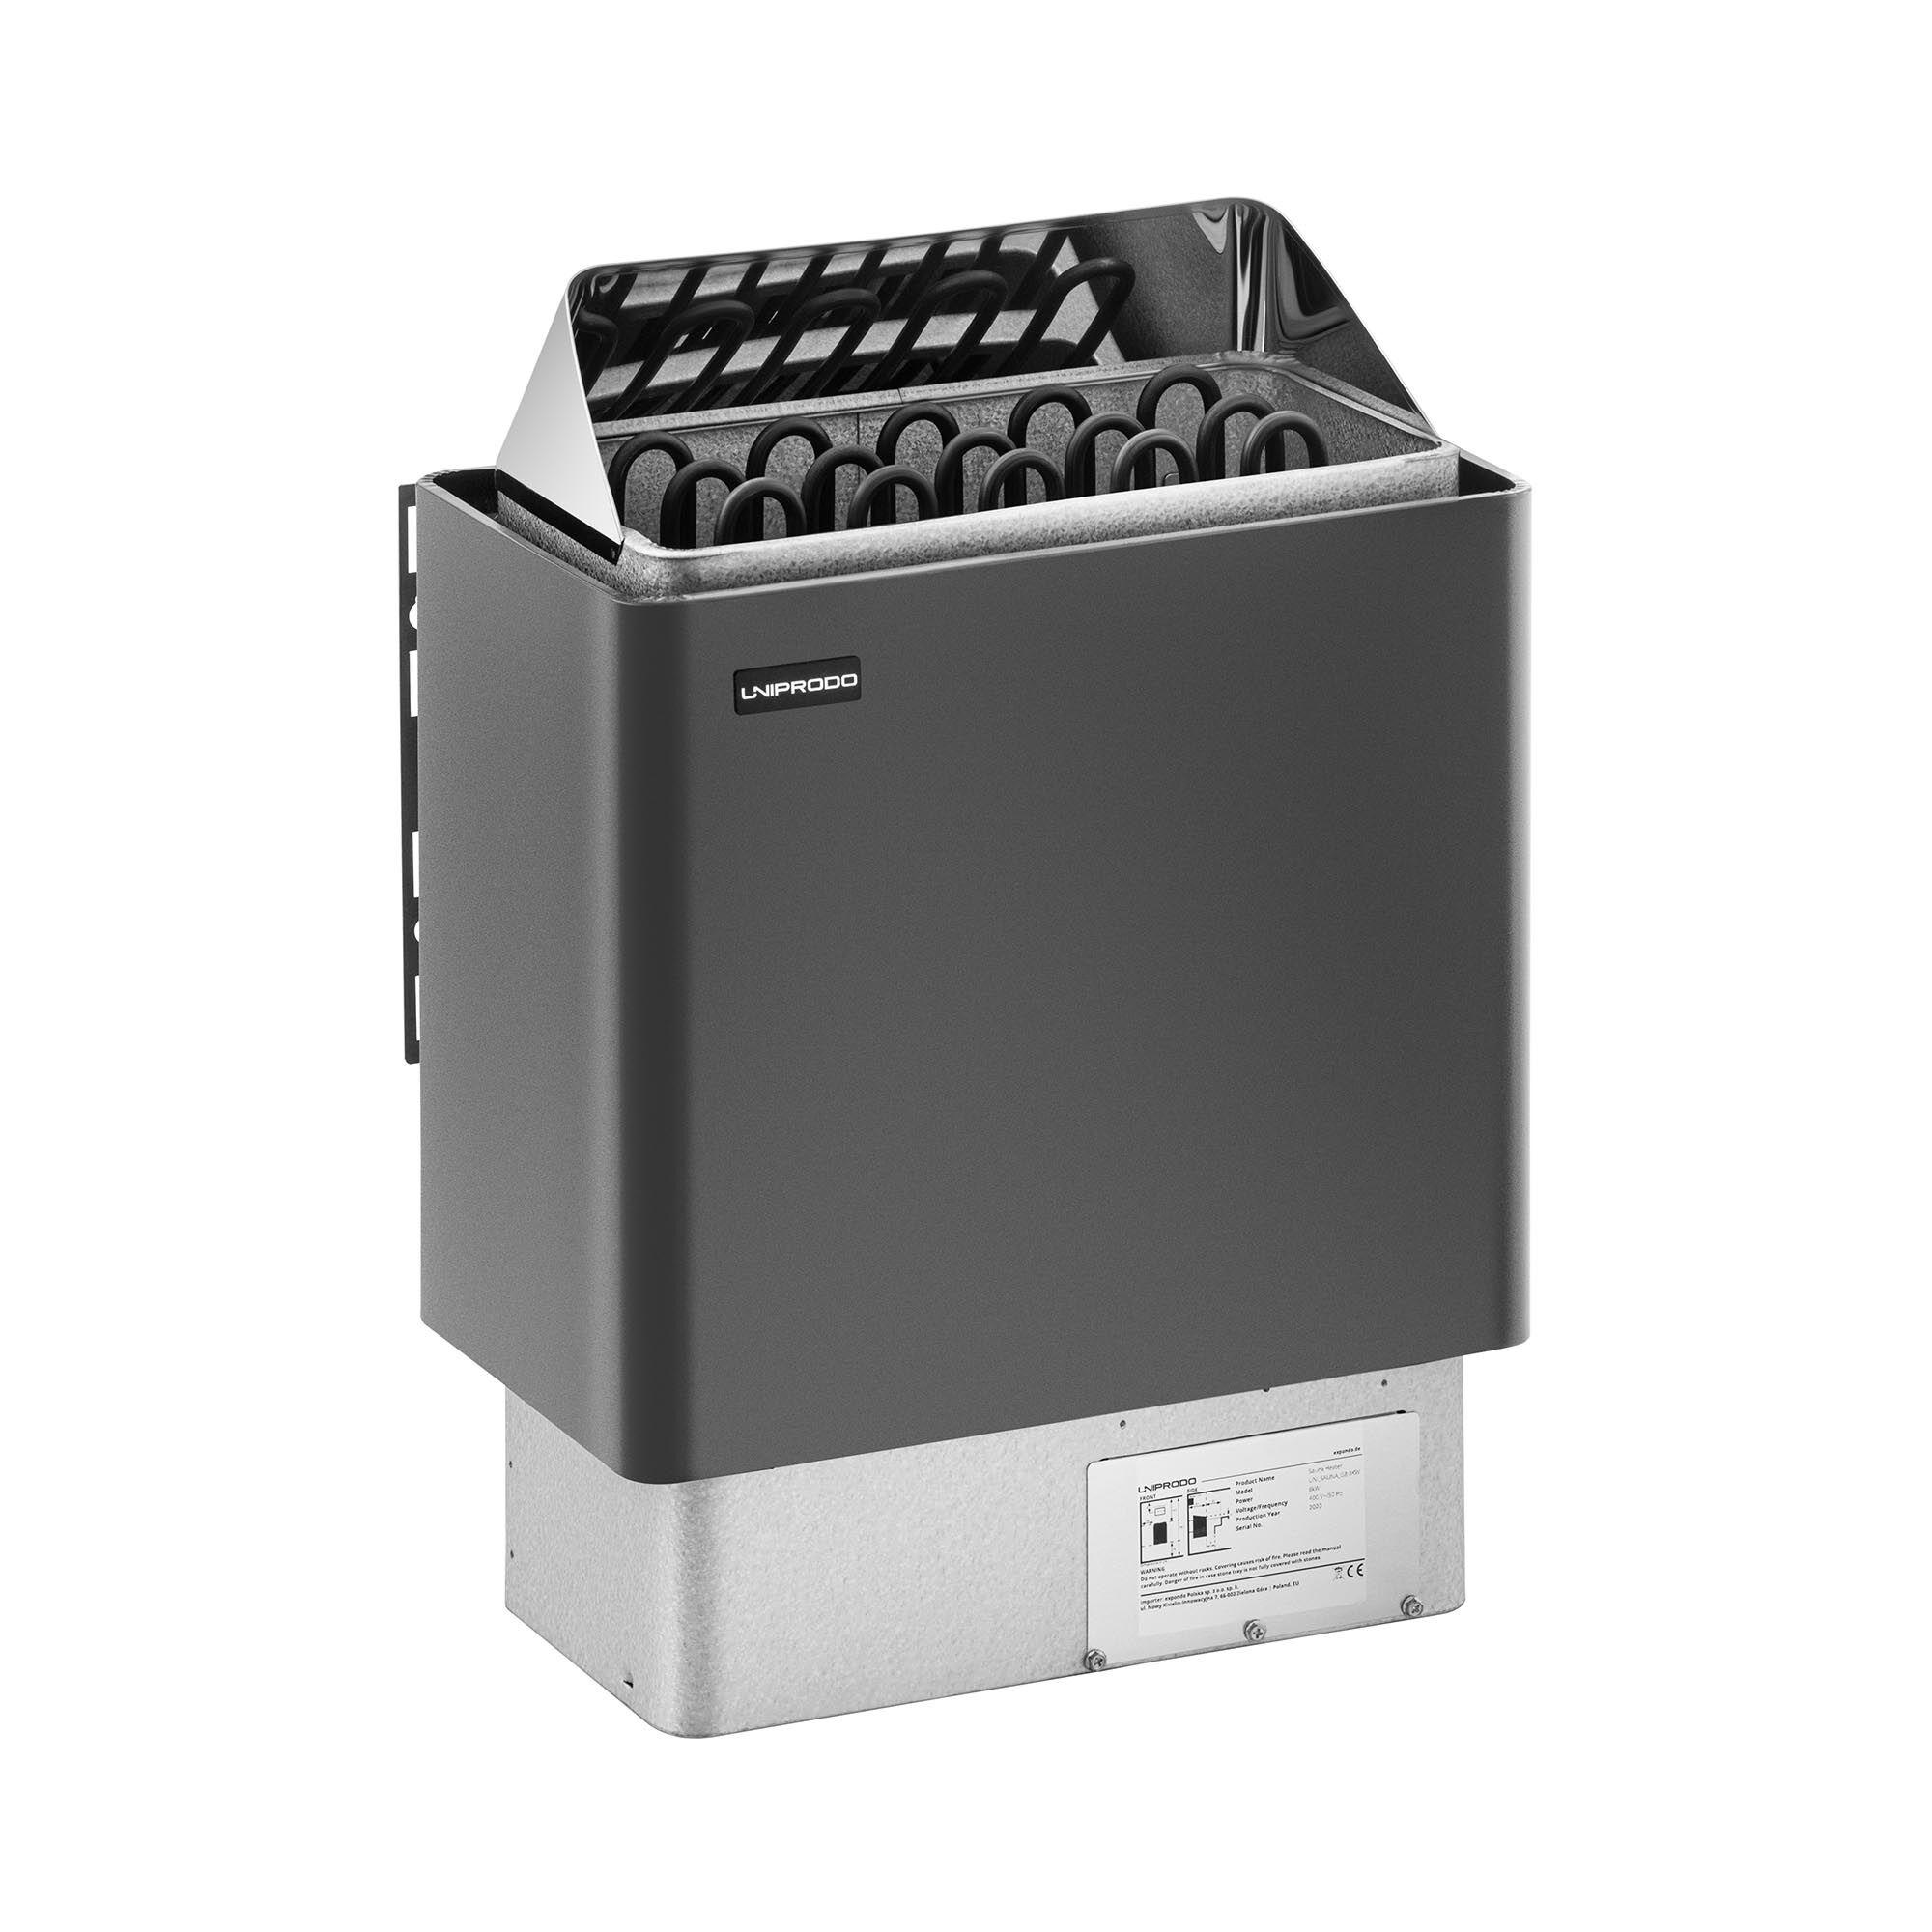 Uniprodo Stufa elettrica per sauna - 8 kW - da 30 a 110 °C UNI_SAUNA_G8.0KW